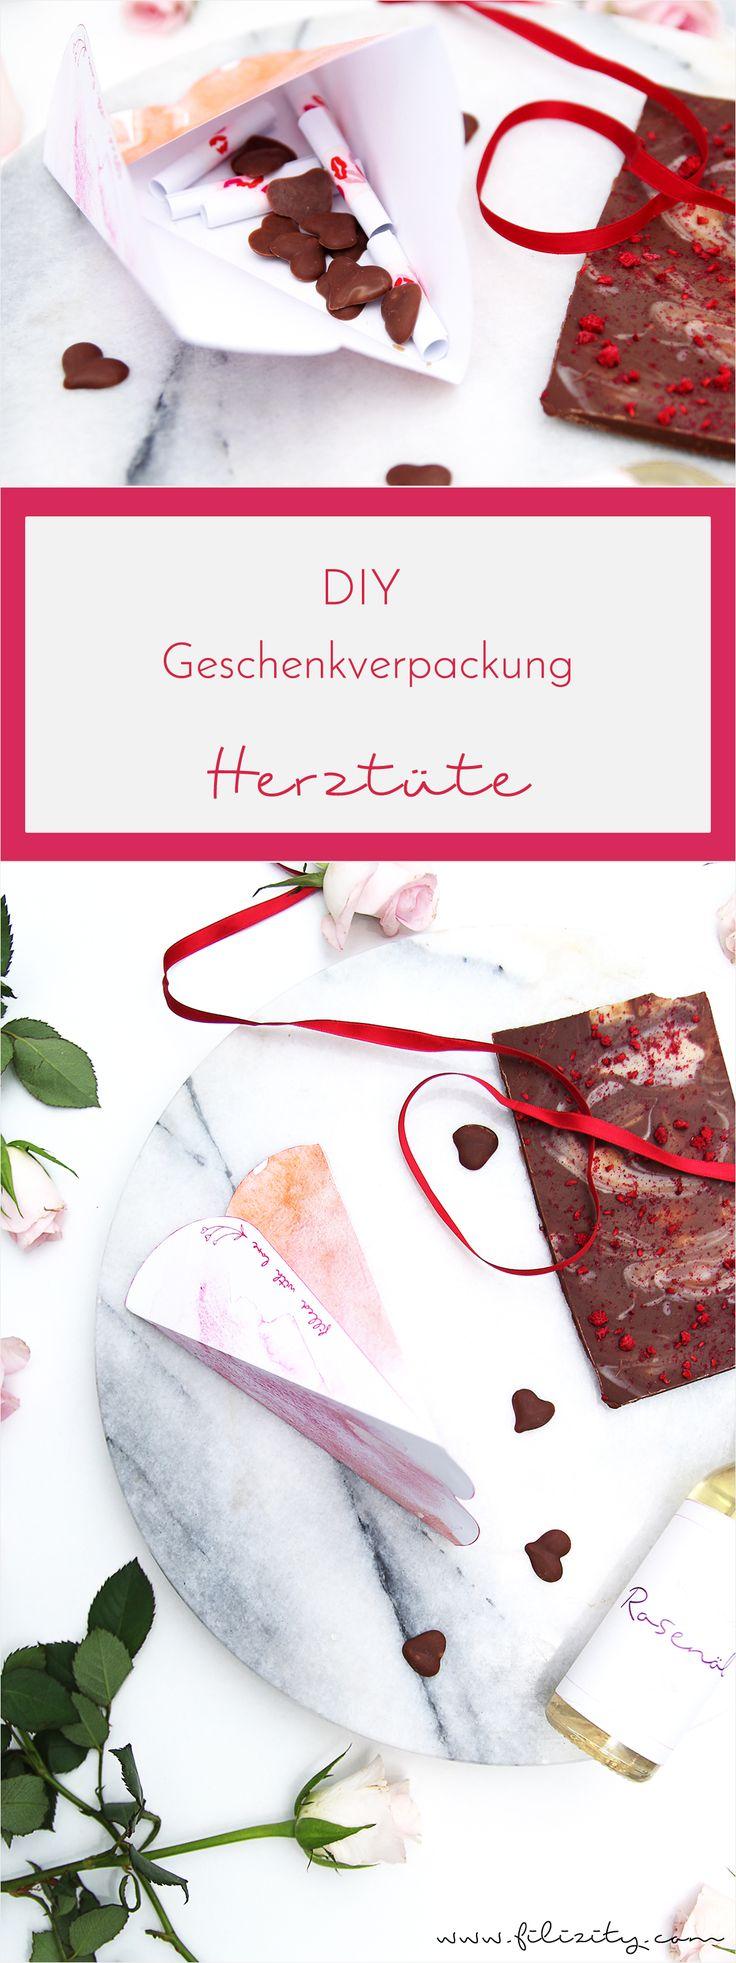 Schön Geschenke, Die Vom Herzen Kommen   Mit Dieser Verpackungsidee Für  Liebevolle Kleinigkeiten Wird Der Valentinstag